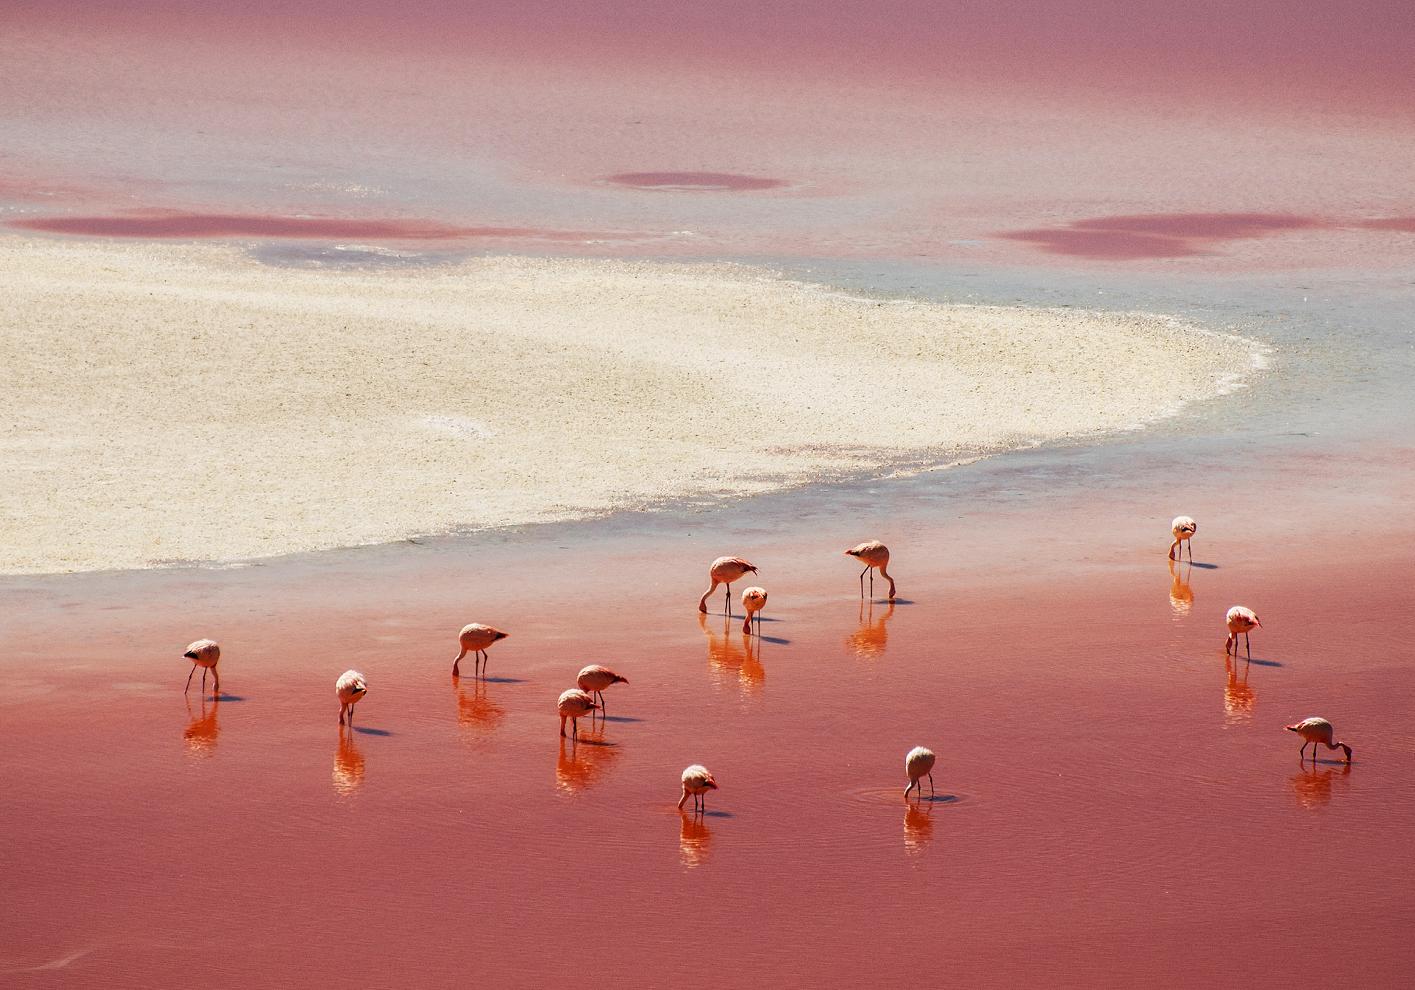 Pink flamingos on the Salar de Atacama salt flats